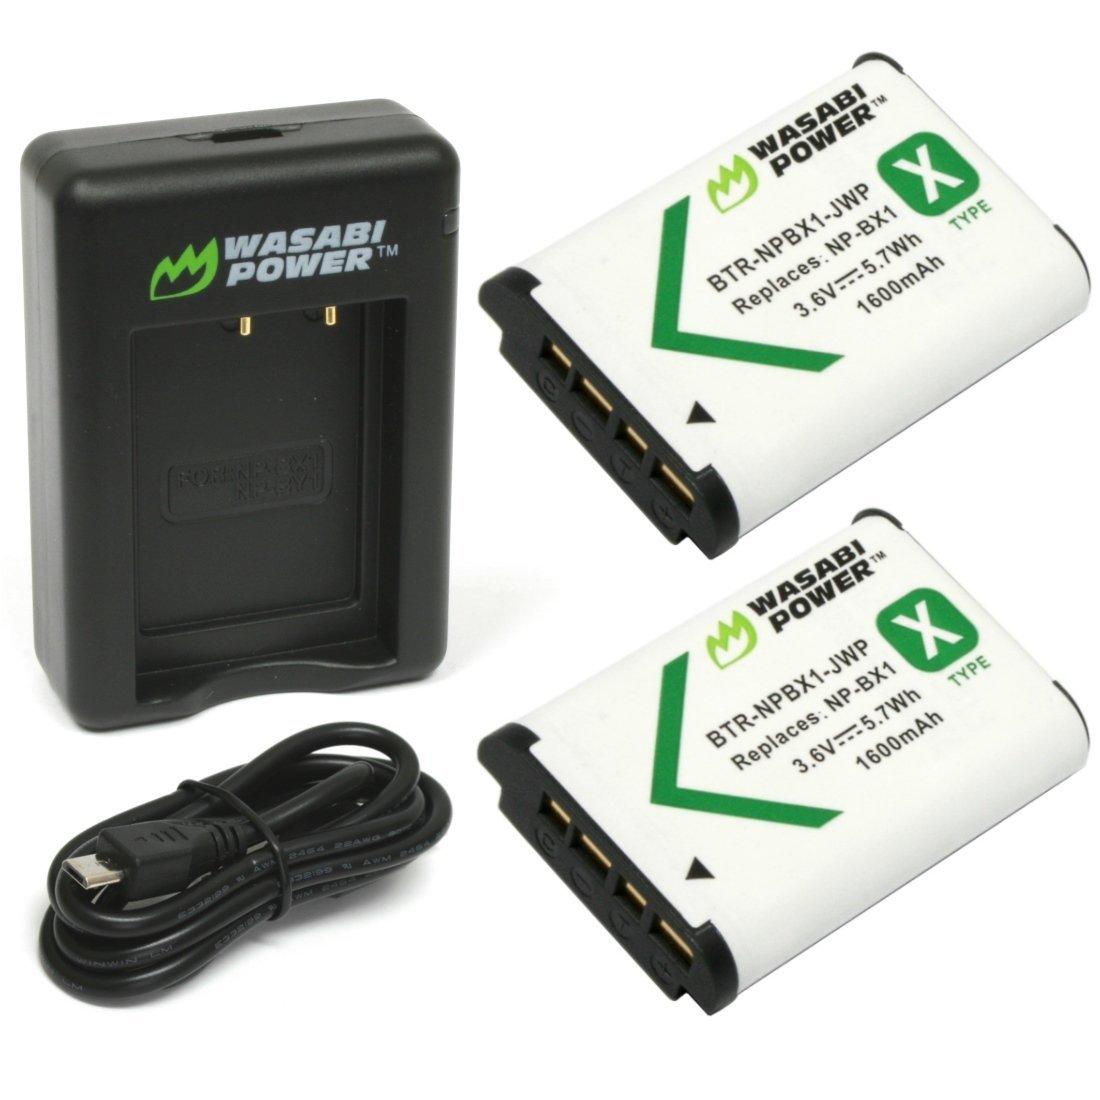 Bộ pin sạc NP-BX1 WASABI